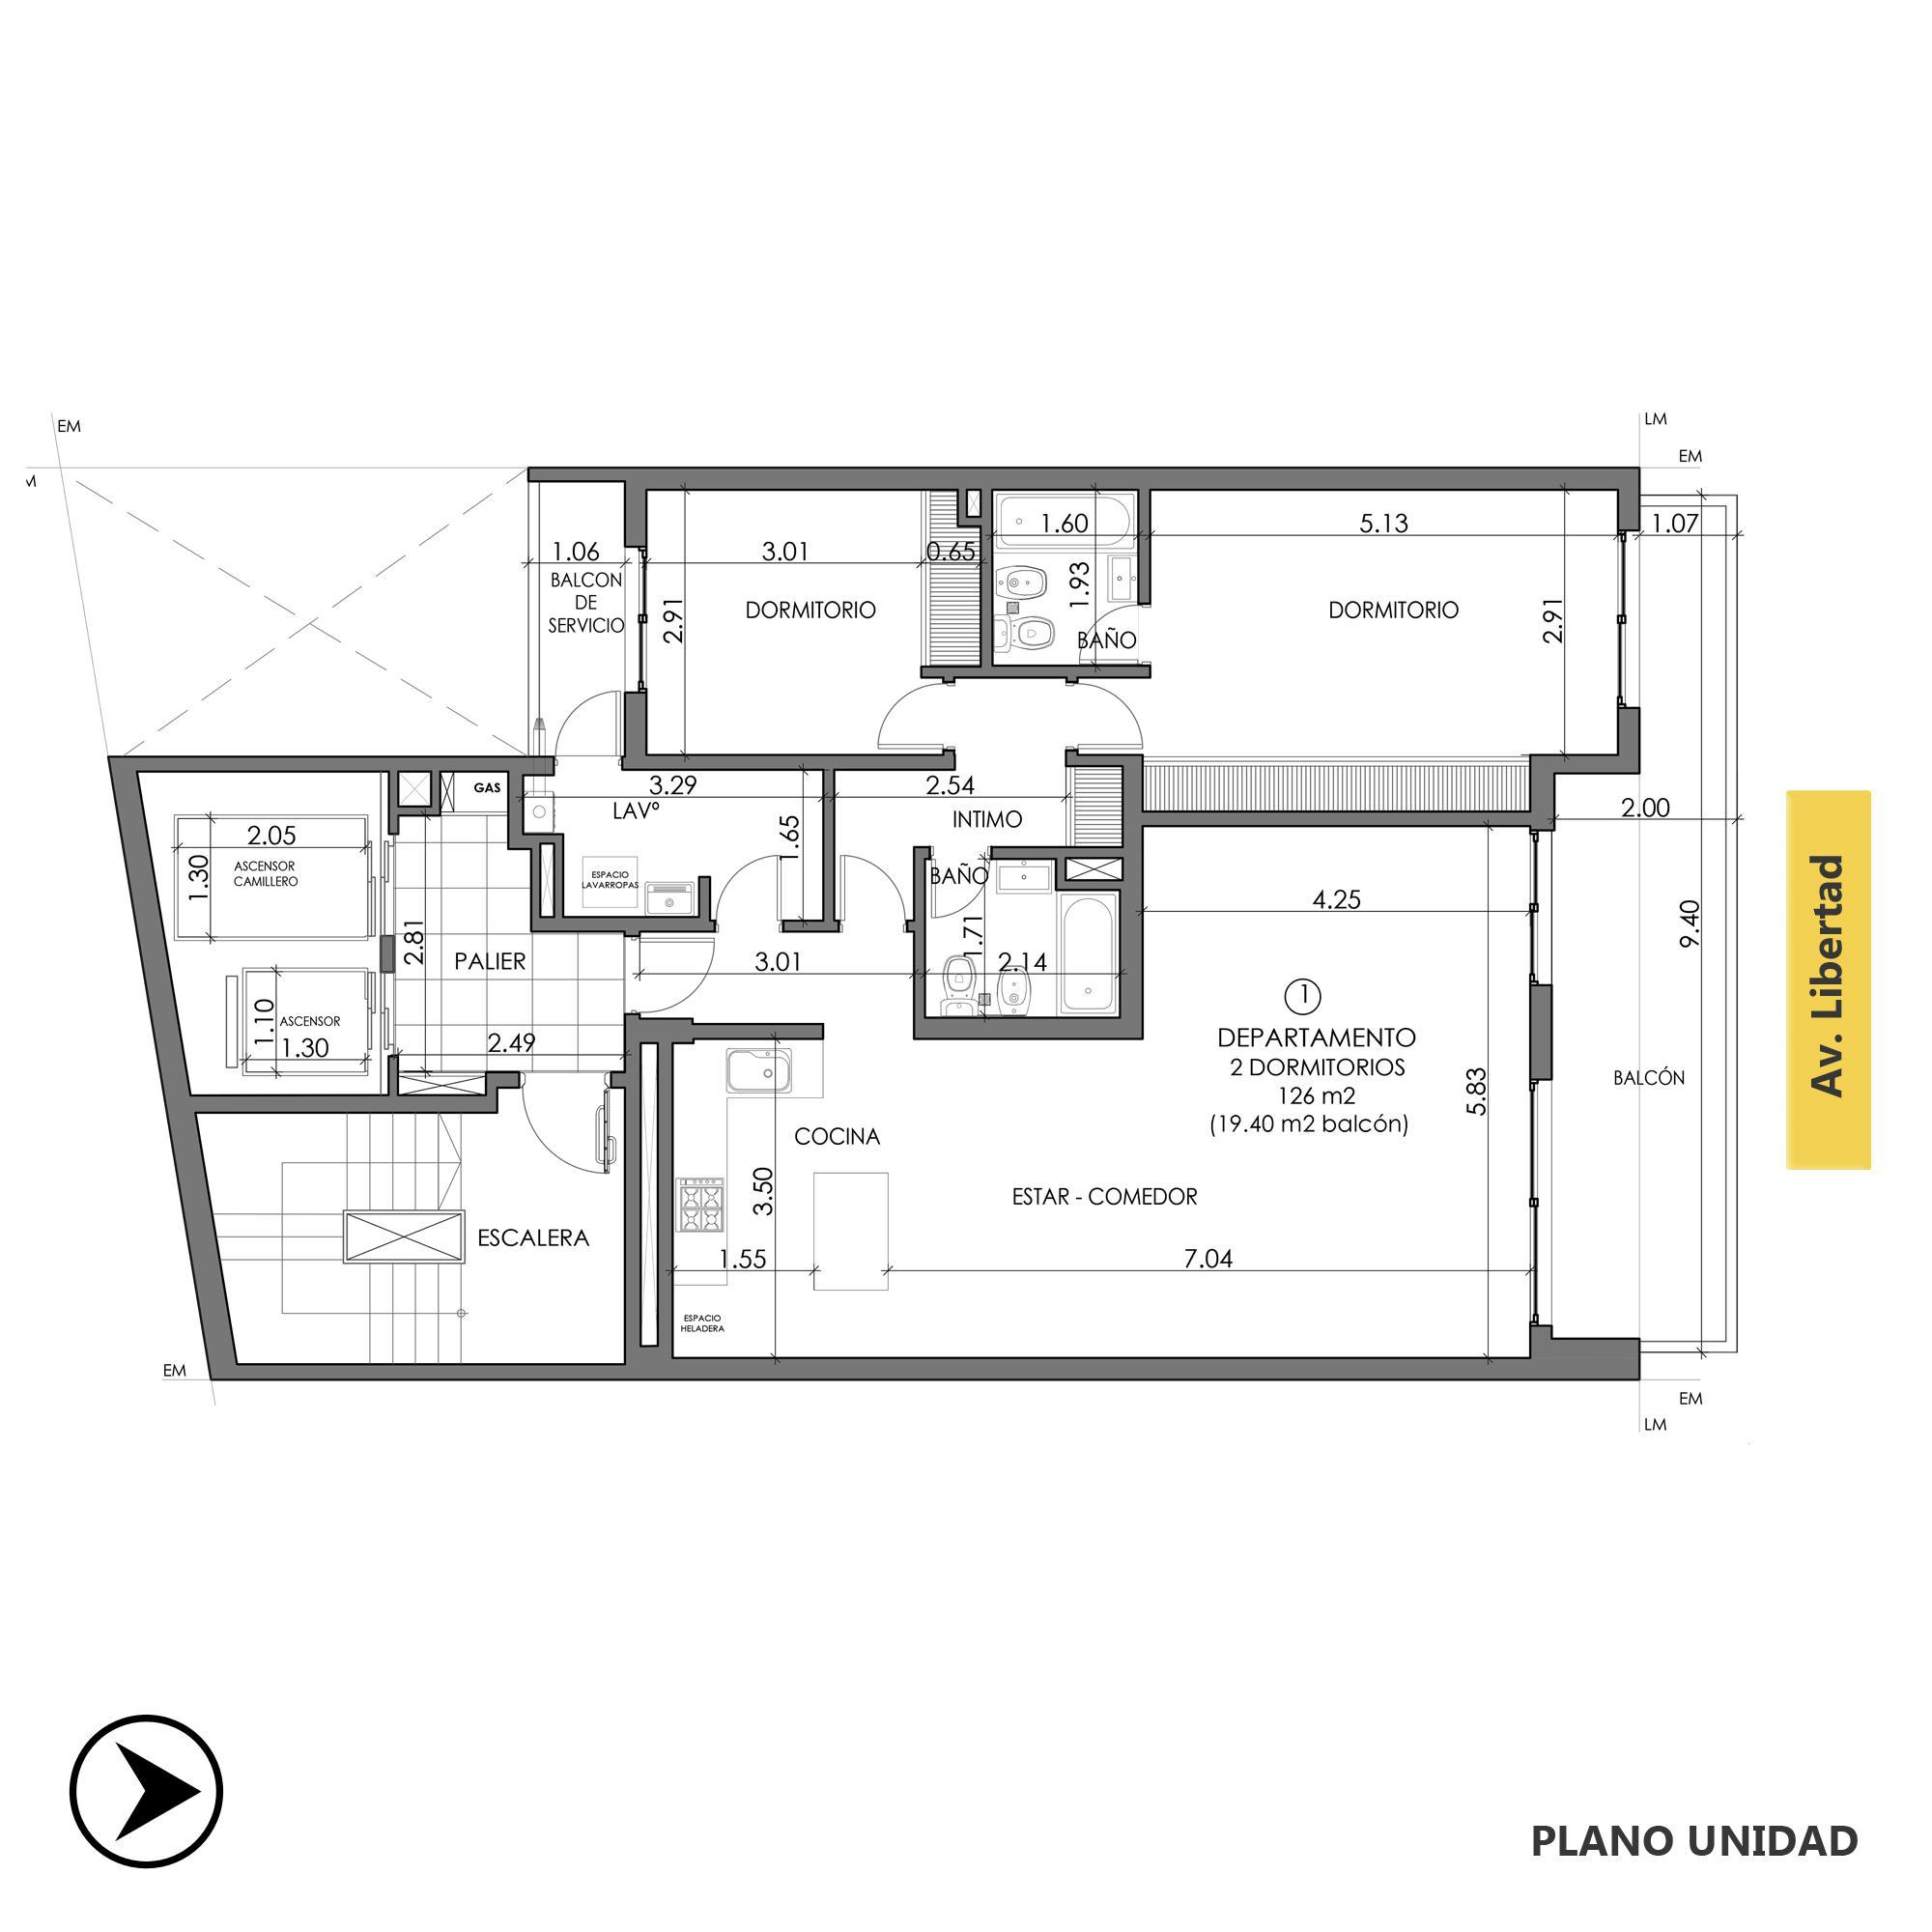 Venta departamento 2 dormitorios Rosario, Centro. Cod CBU20816 AP2039431. Crestale Propiedades